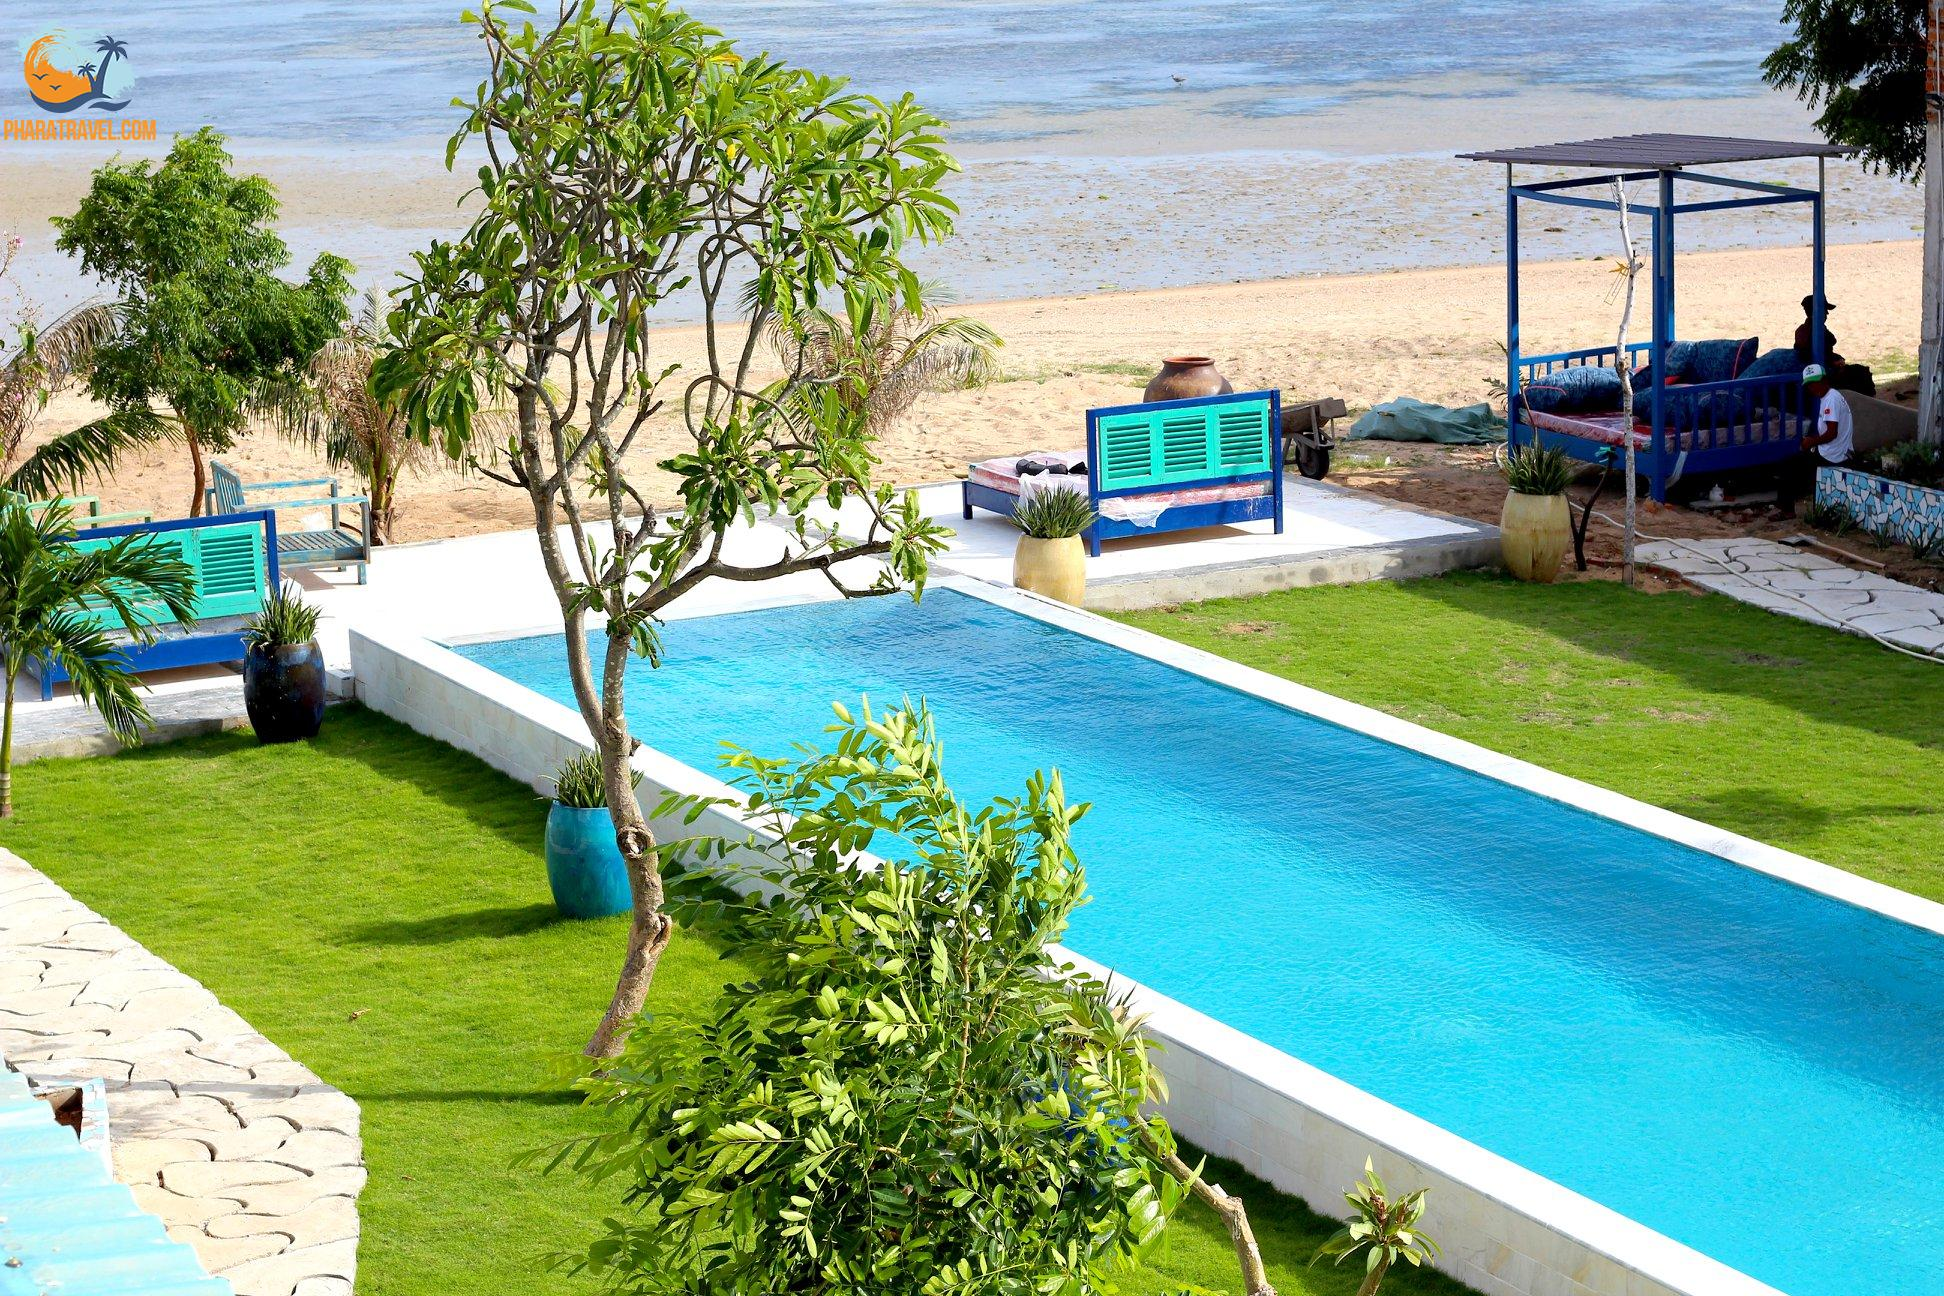 15 Resort Phan Rang Ninh Thuận giá rẻ đẹp gần biển từ 2-3-4-5-6 sao